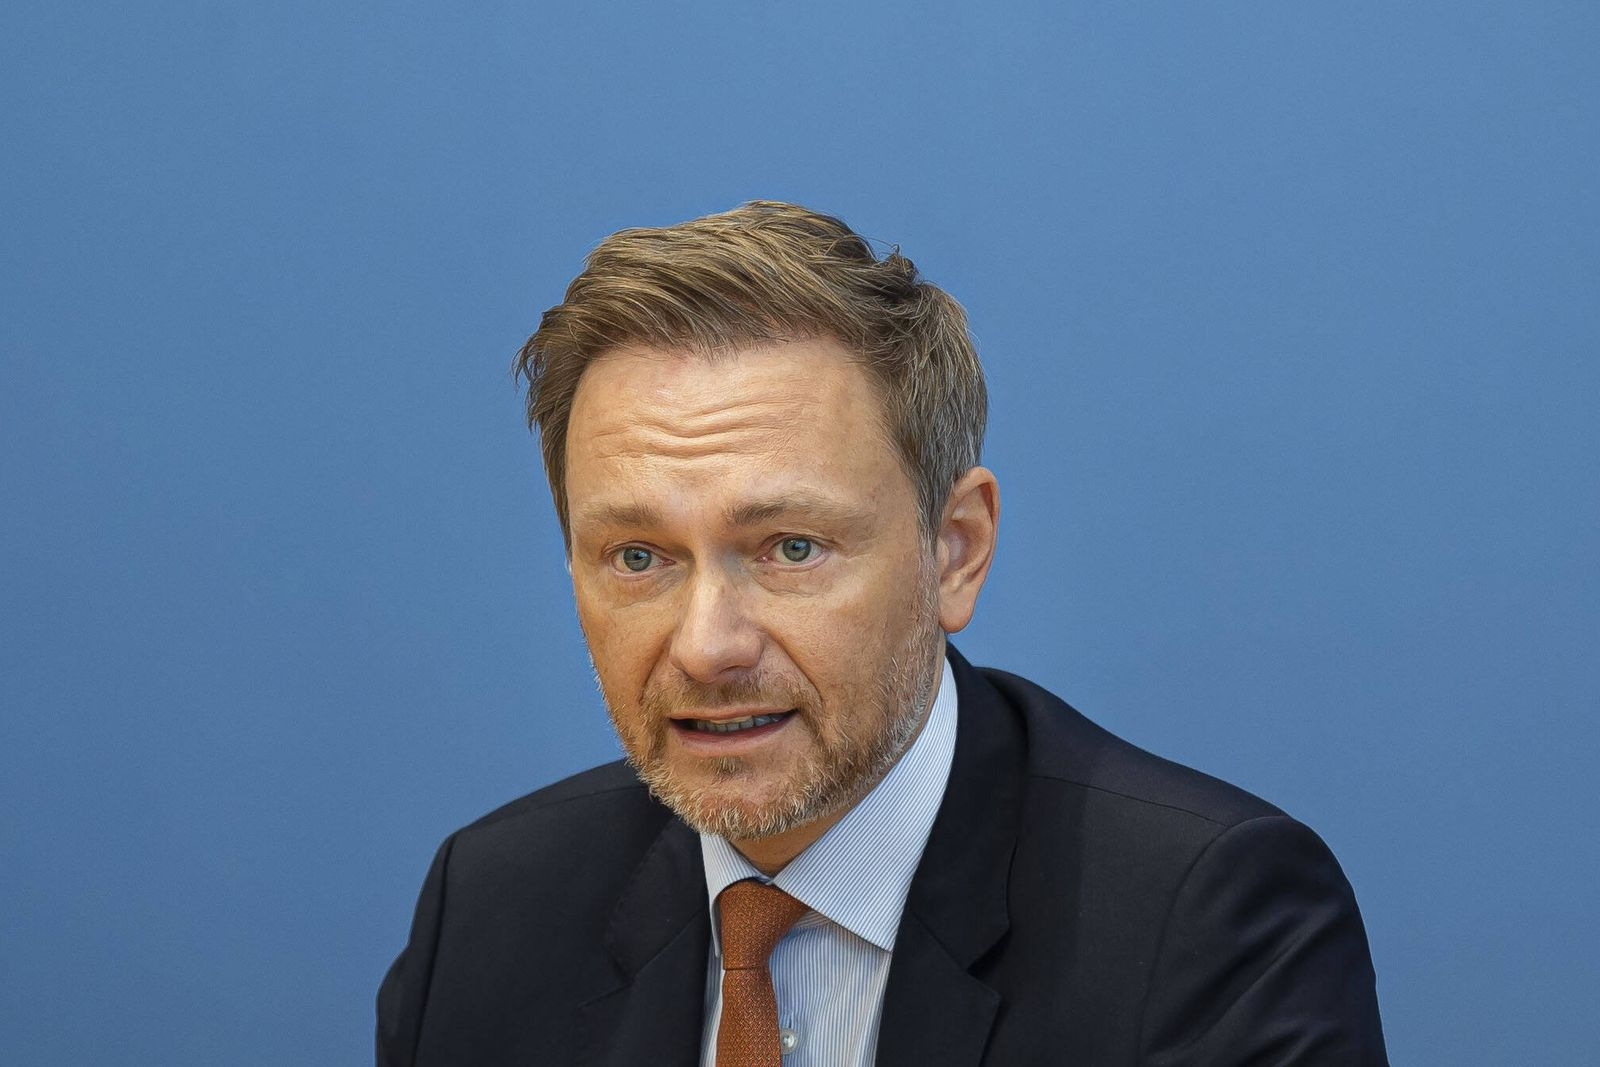 Christian Lindner, FDP Parteivorsitzender, aufgenommen in der Bundespressekonferenz. Berlin, 26.01.2021 Berlin Deutschl